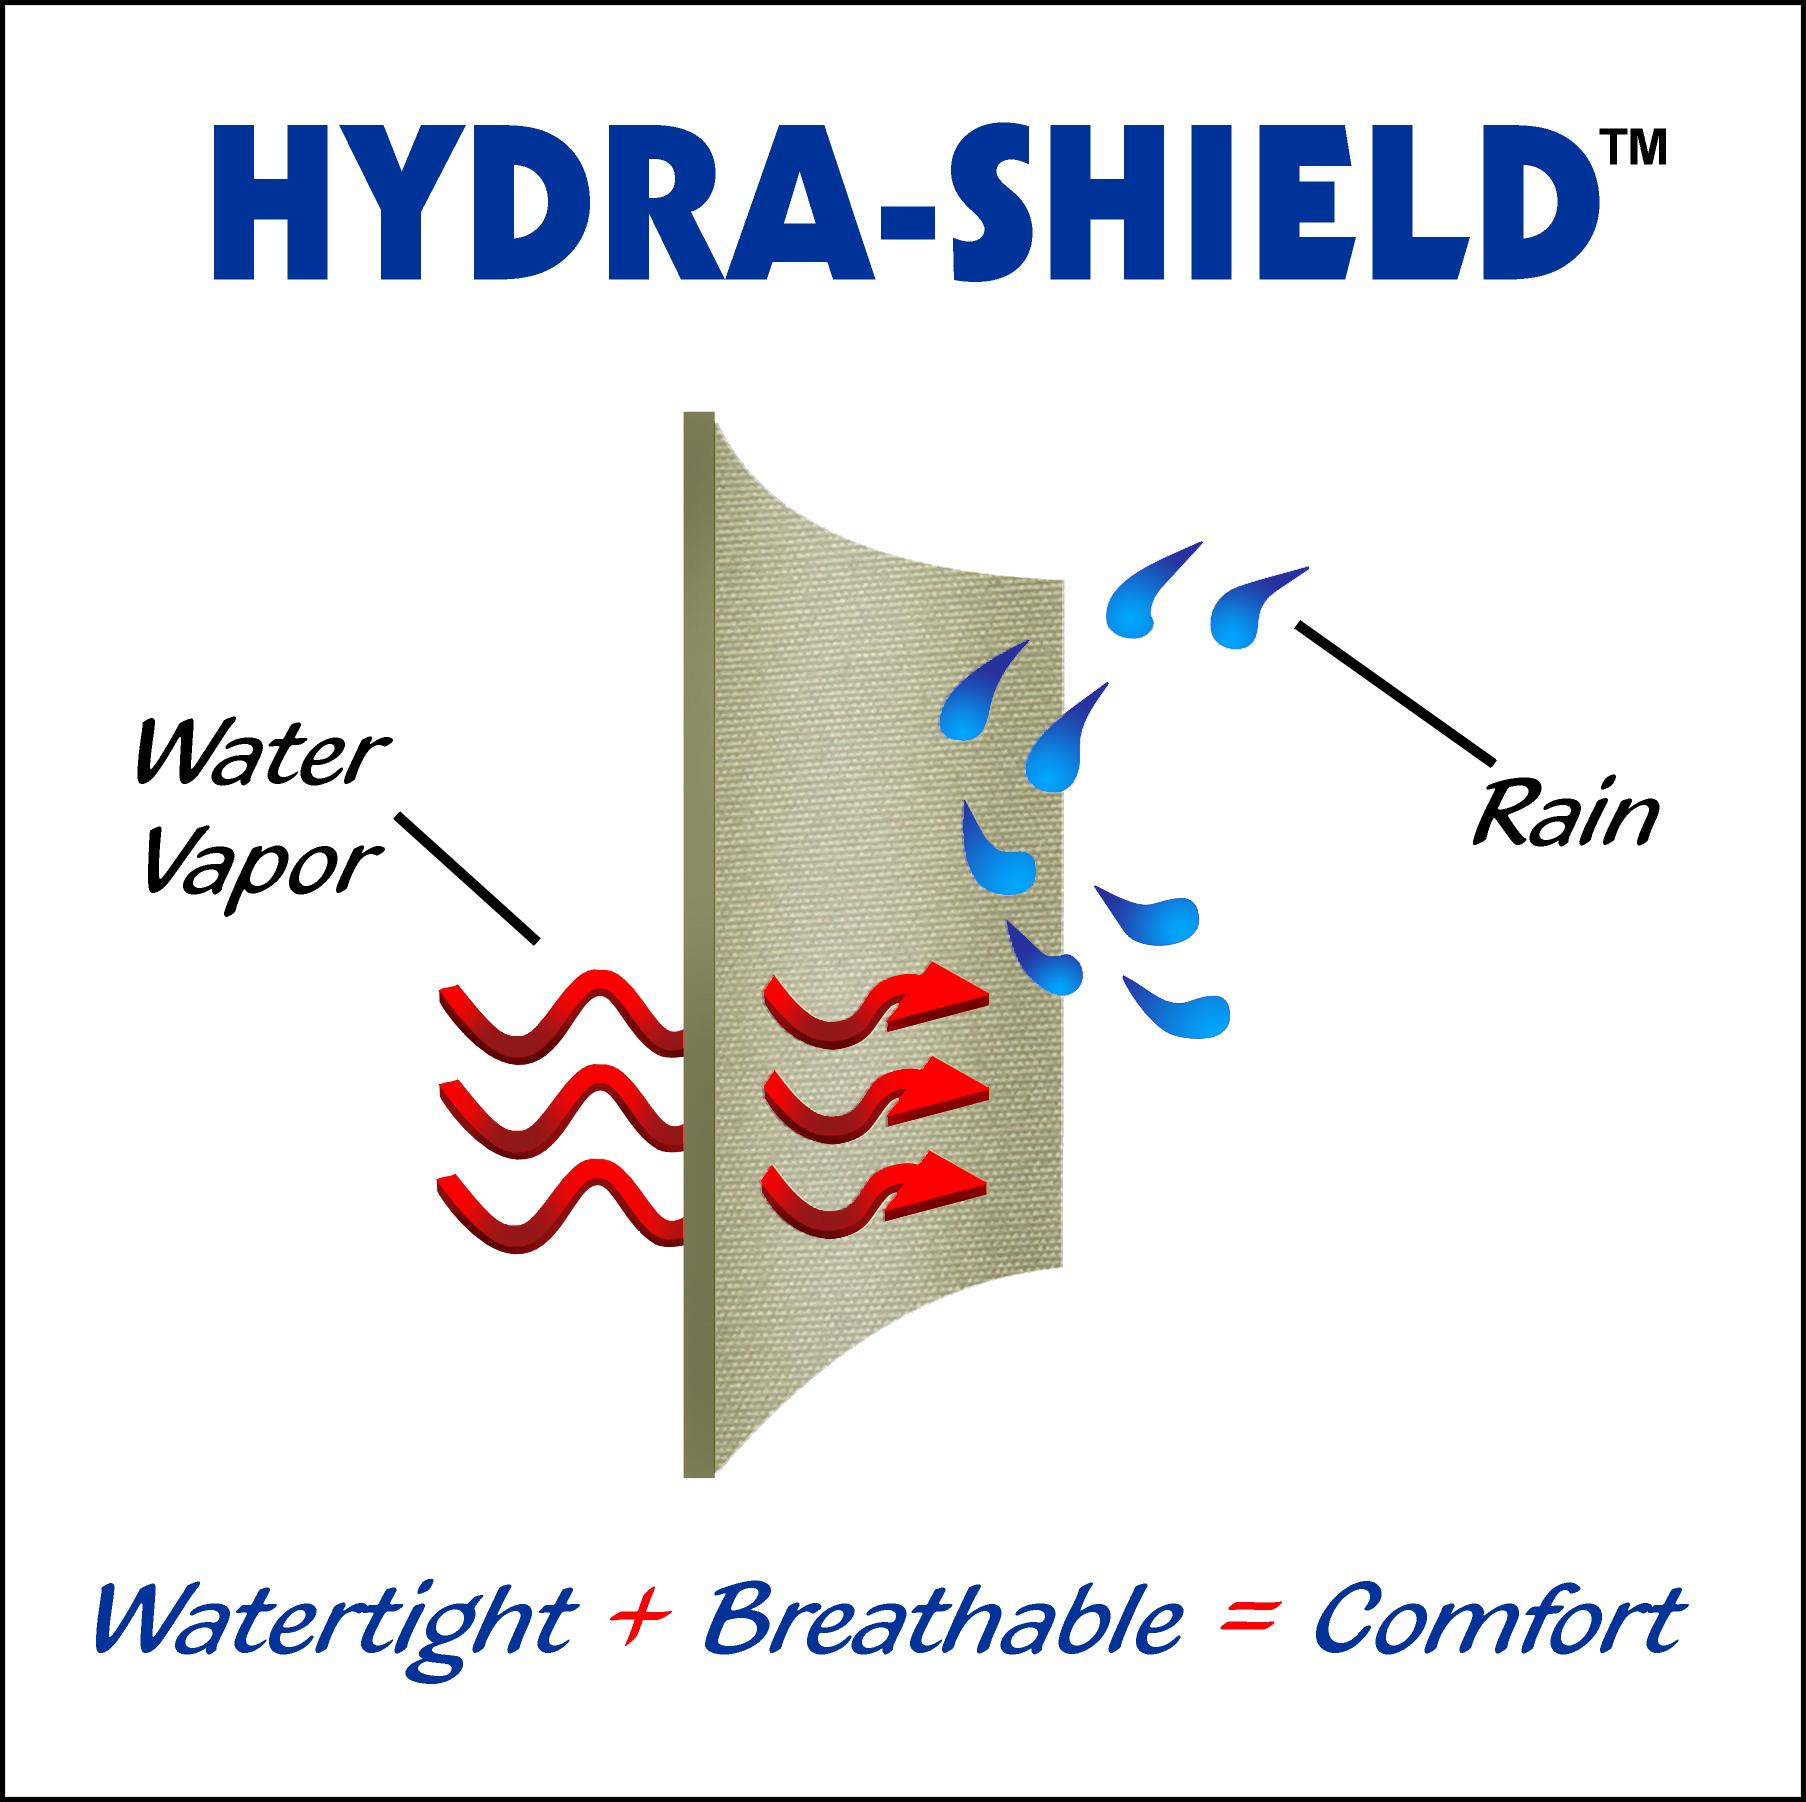 hydra-shield-diagram.jpg